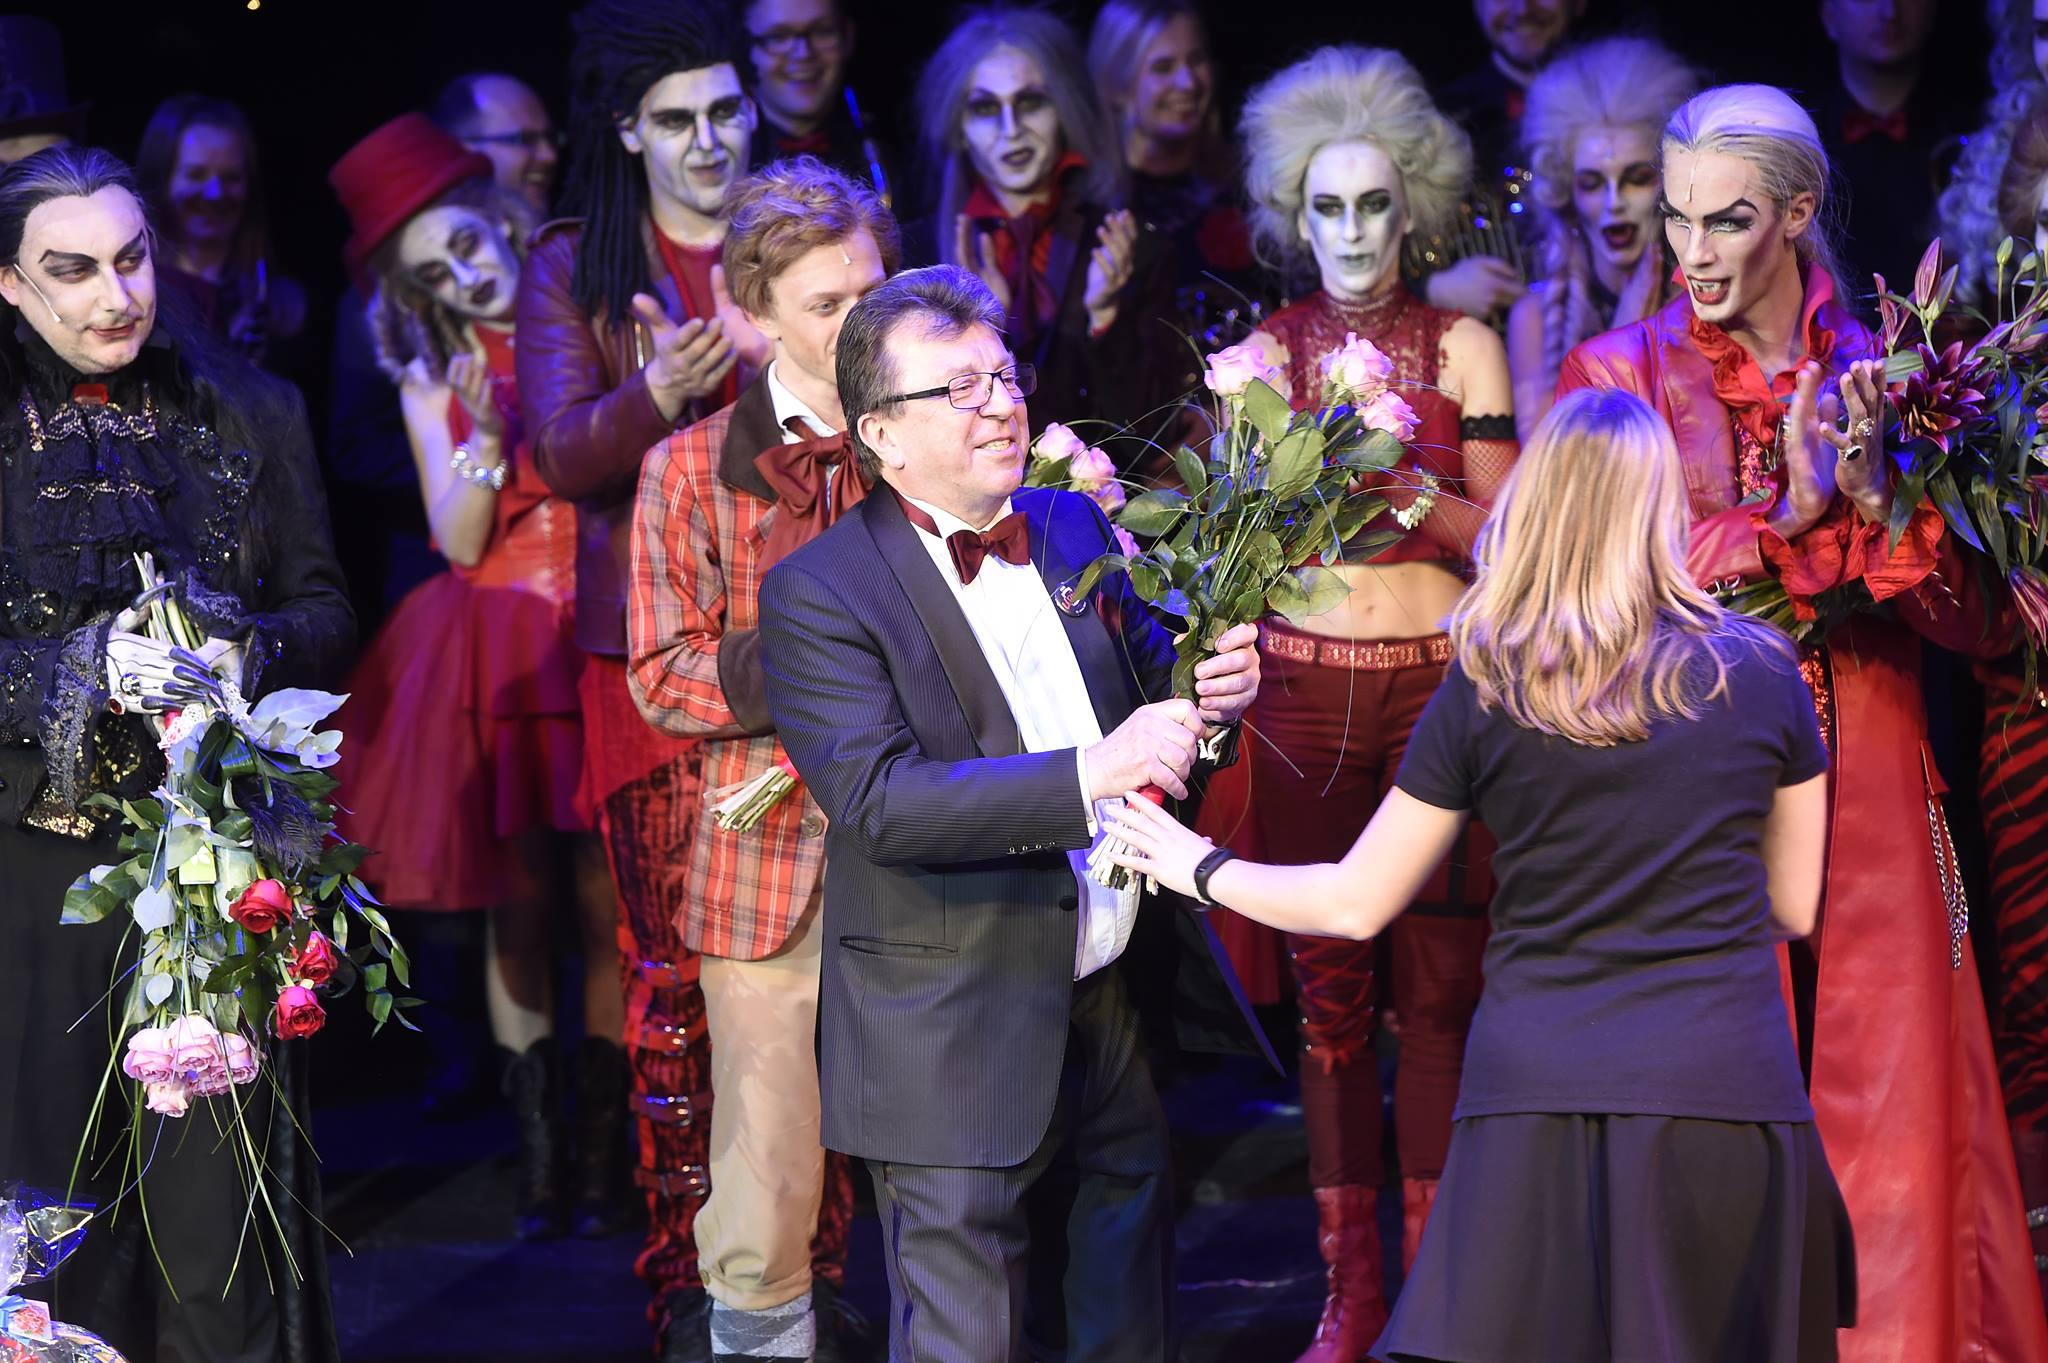 Děkovačka - Ples upírů - Praha, GOJA Musical Hall